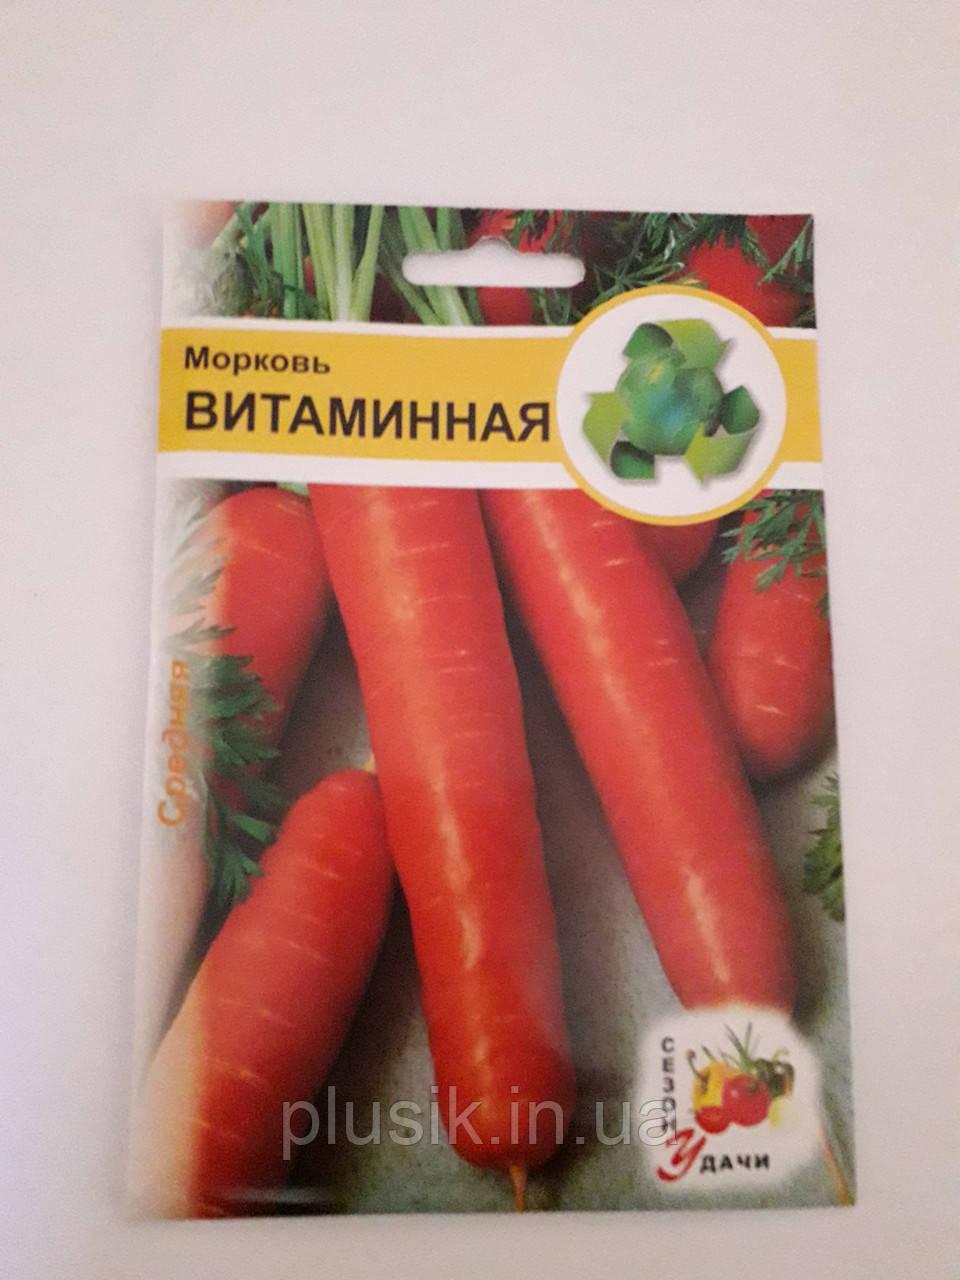 Морковь Витаминная средняя 20 гр. (минимальный заказ 10 пачек)